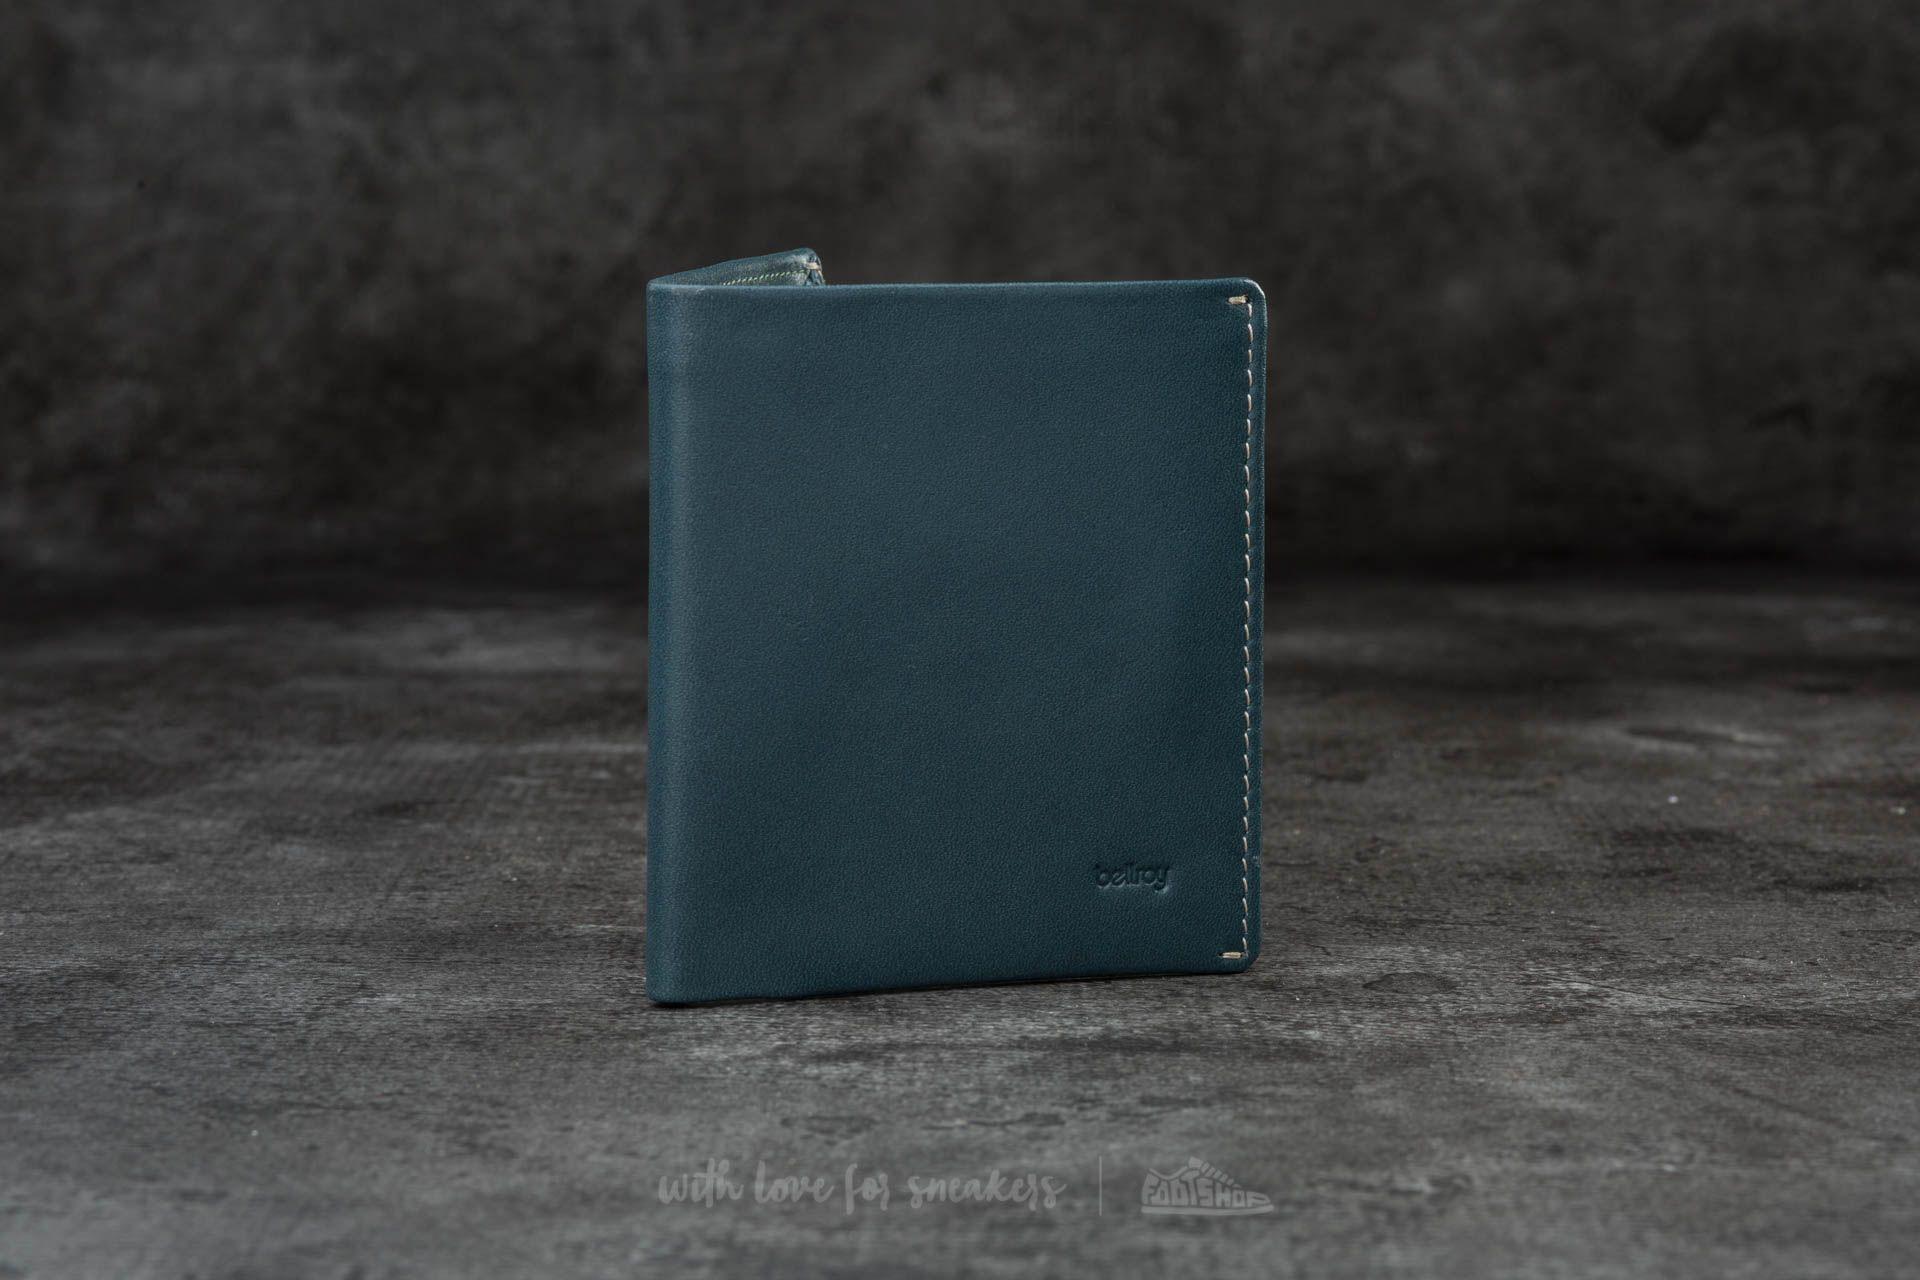 Bellroy Note Sleeve Wallet Teal - 11942